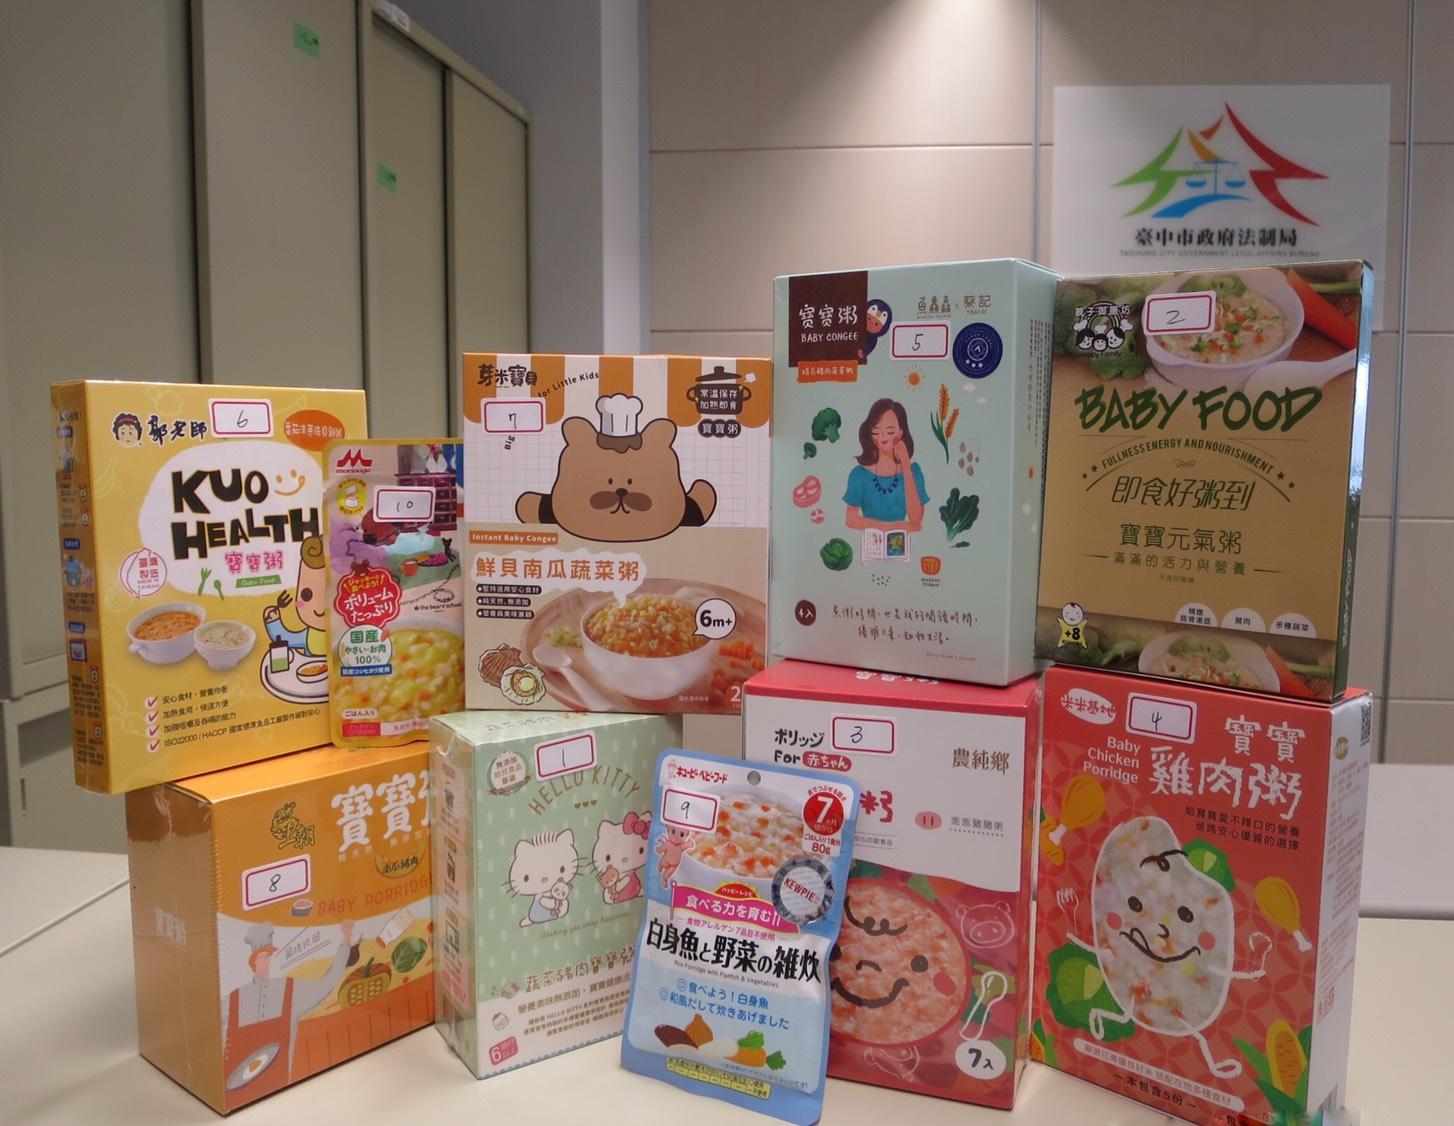 10款市售常溫寶寶粥 中市府抽驗重金屬塑化劑皆合格